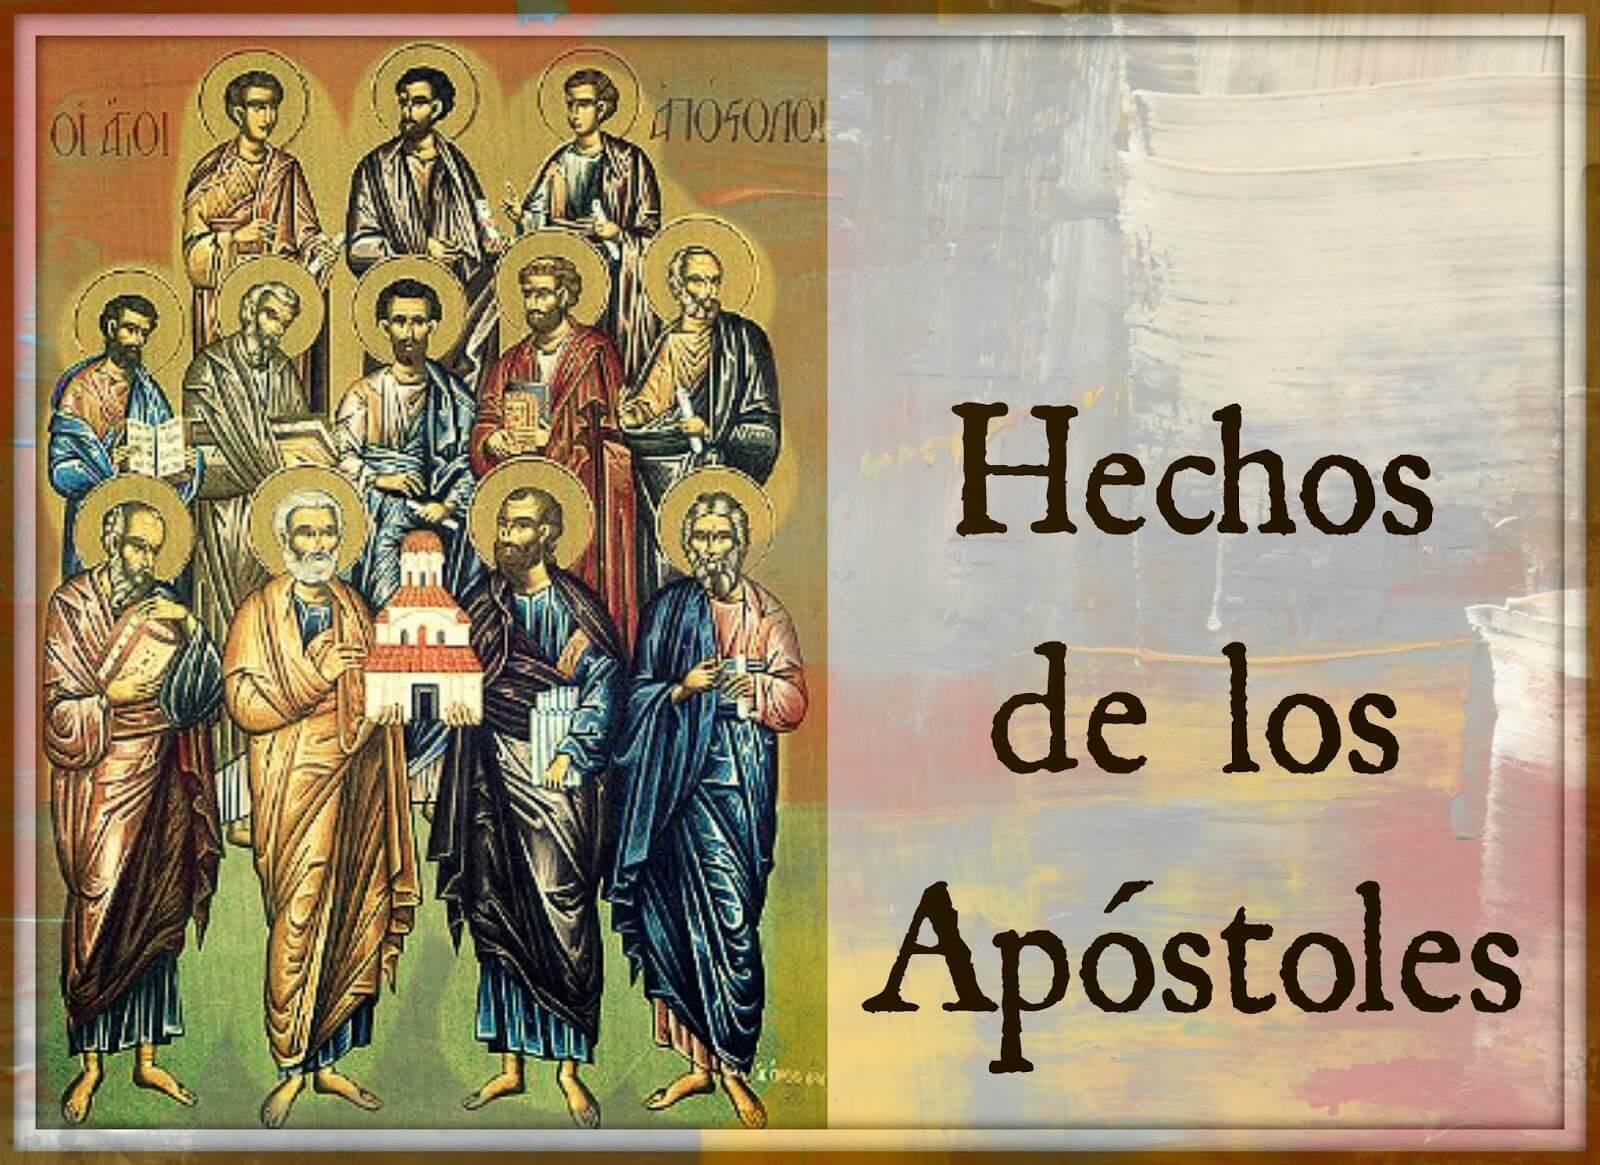 HECHOS DE LOS APOSTOLES - LIBRO DE LA BIBLIA